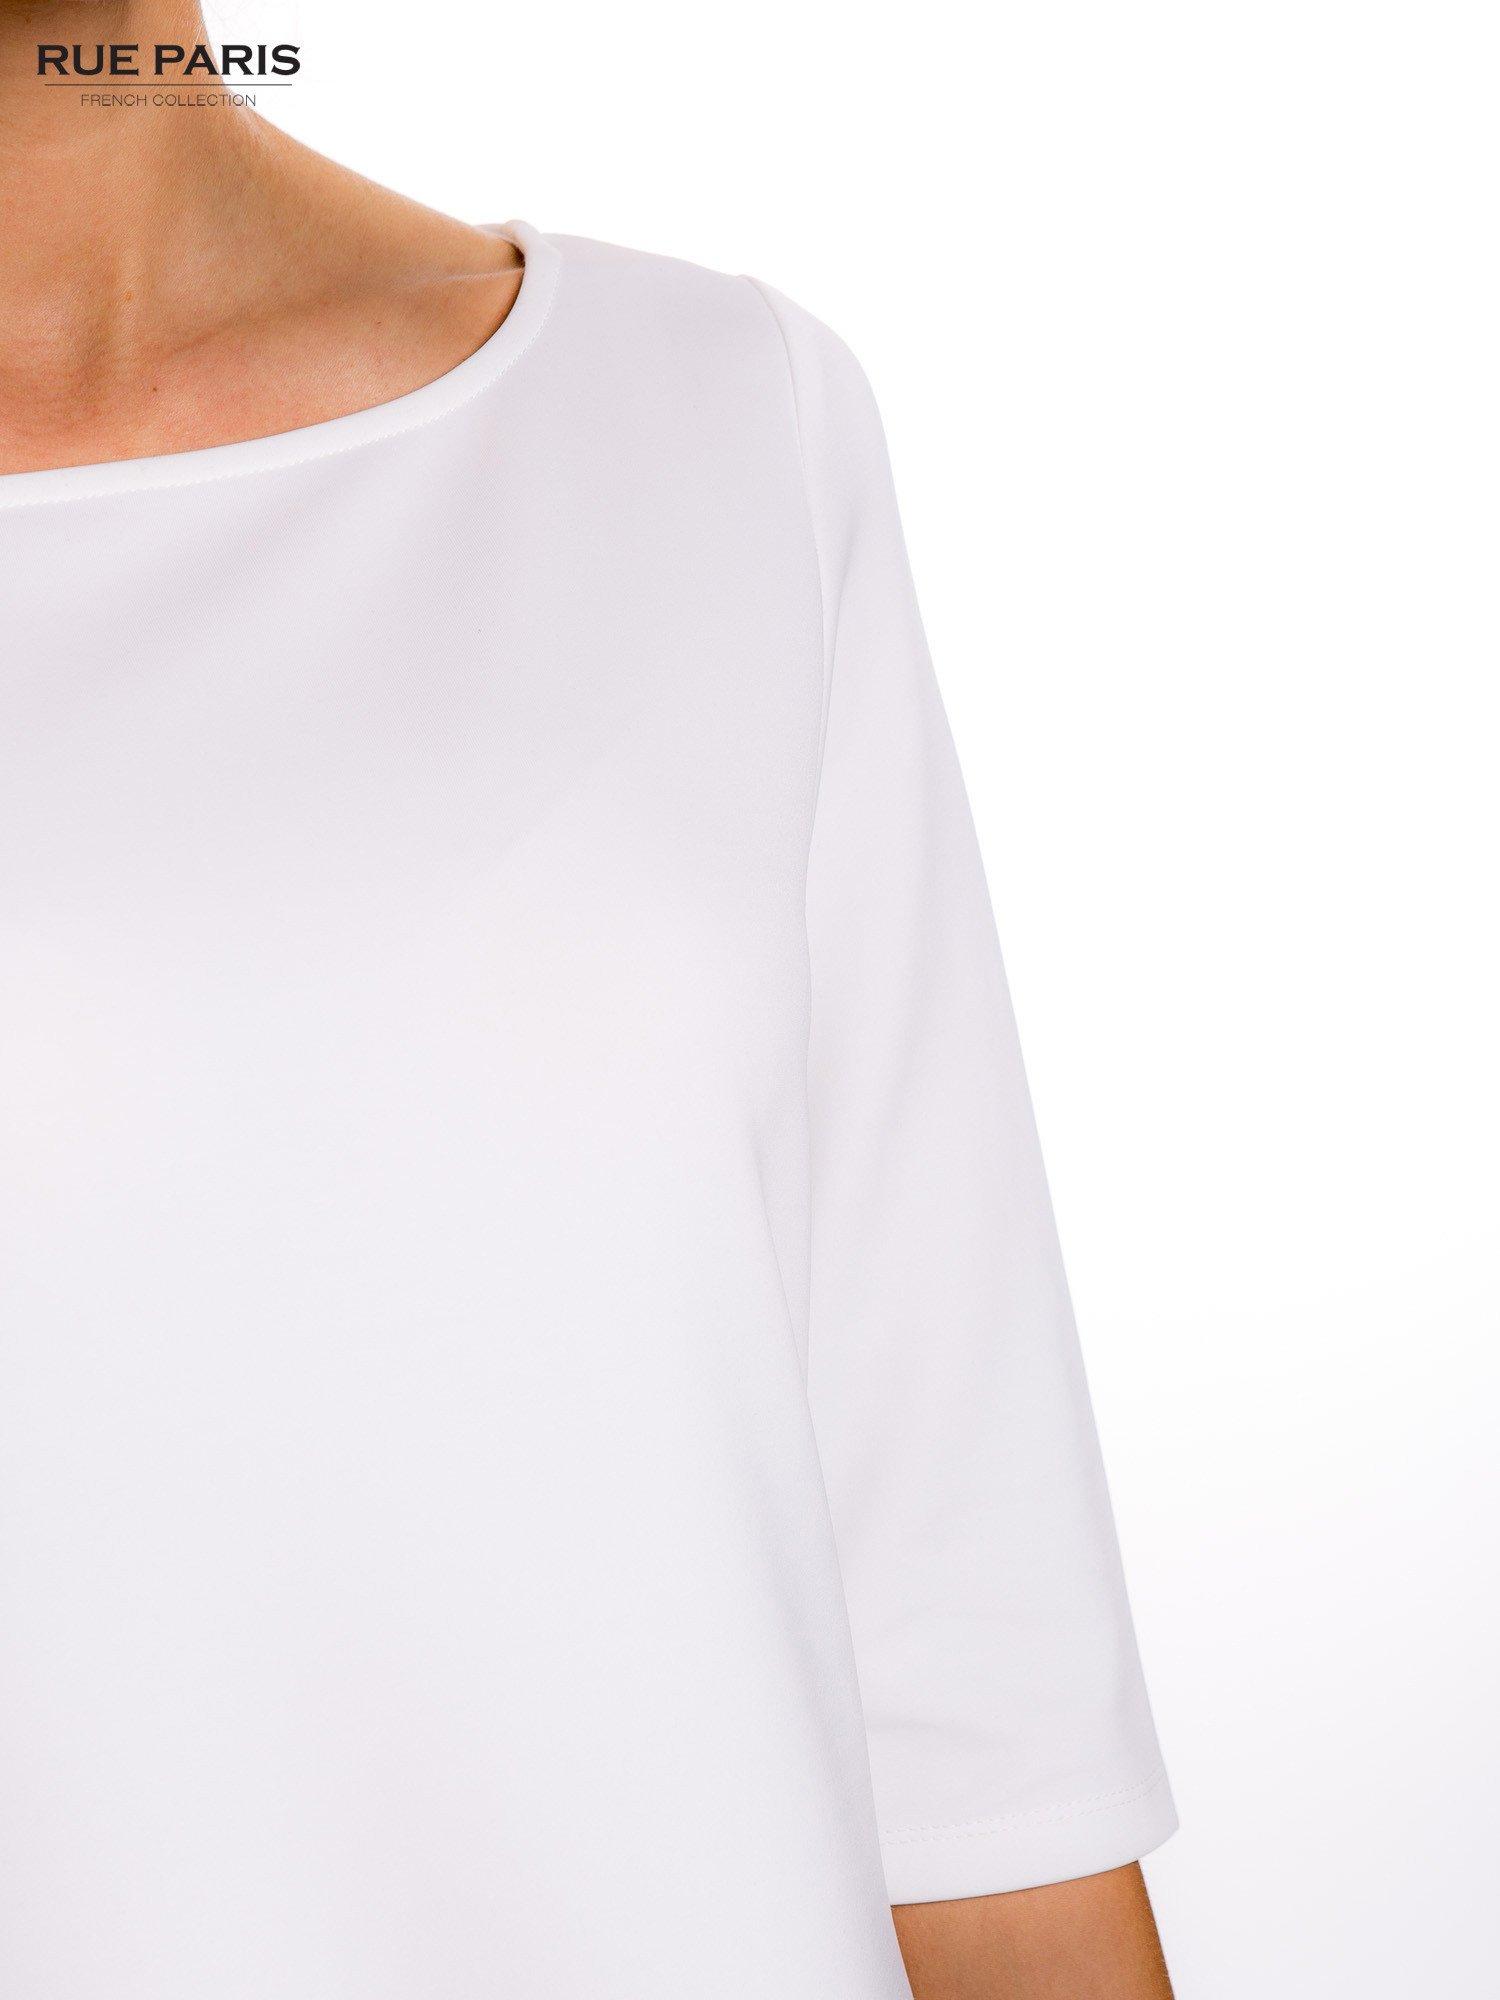 Ecru sukienka z obniżoną talią o rękawie długości 3/4                                  zdj.                                  5